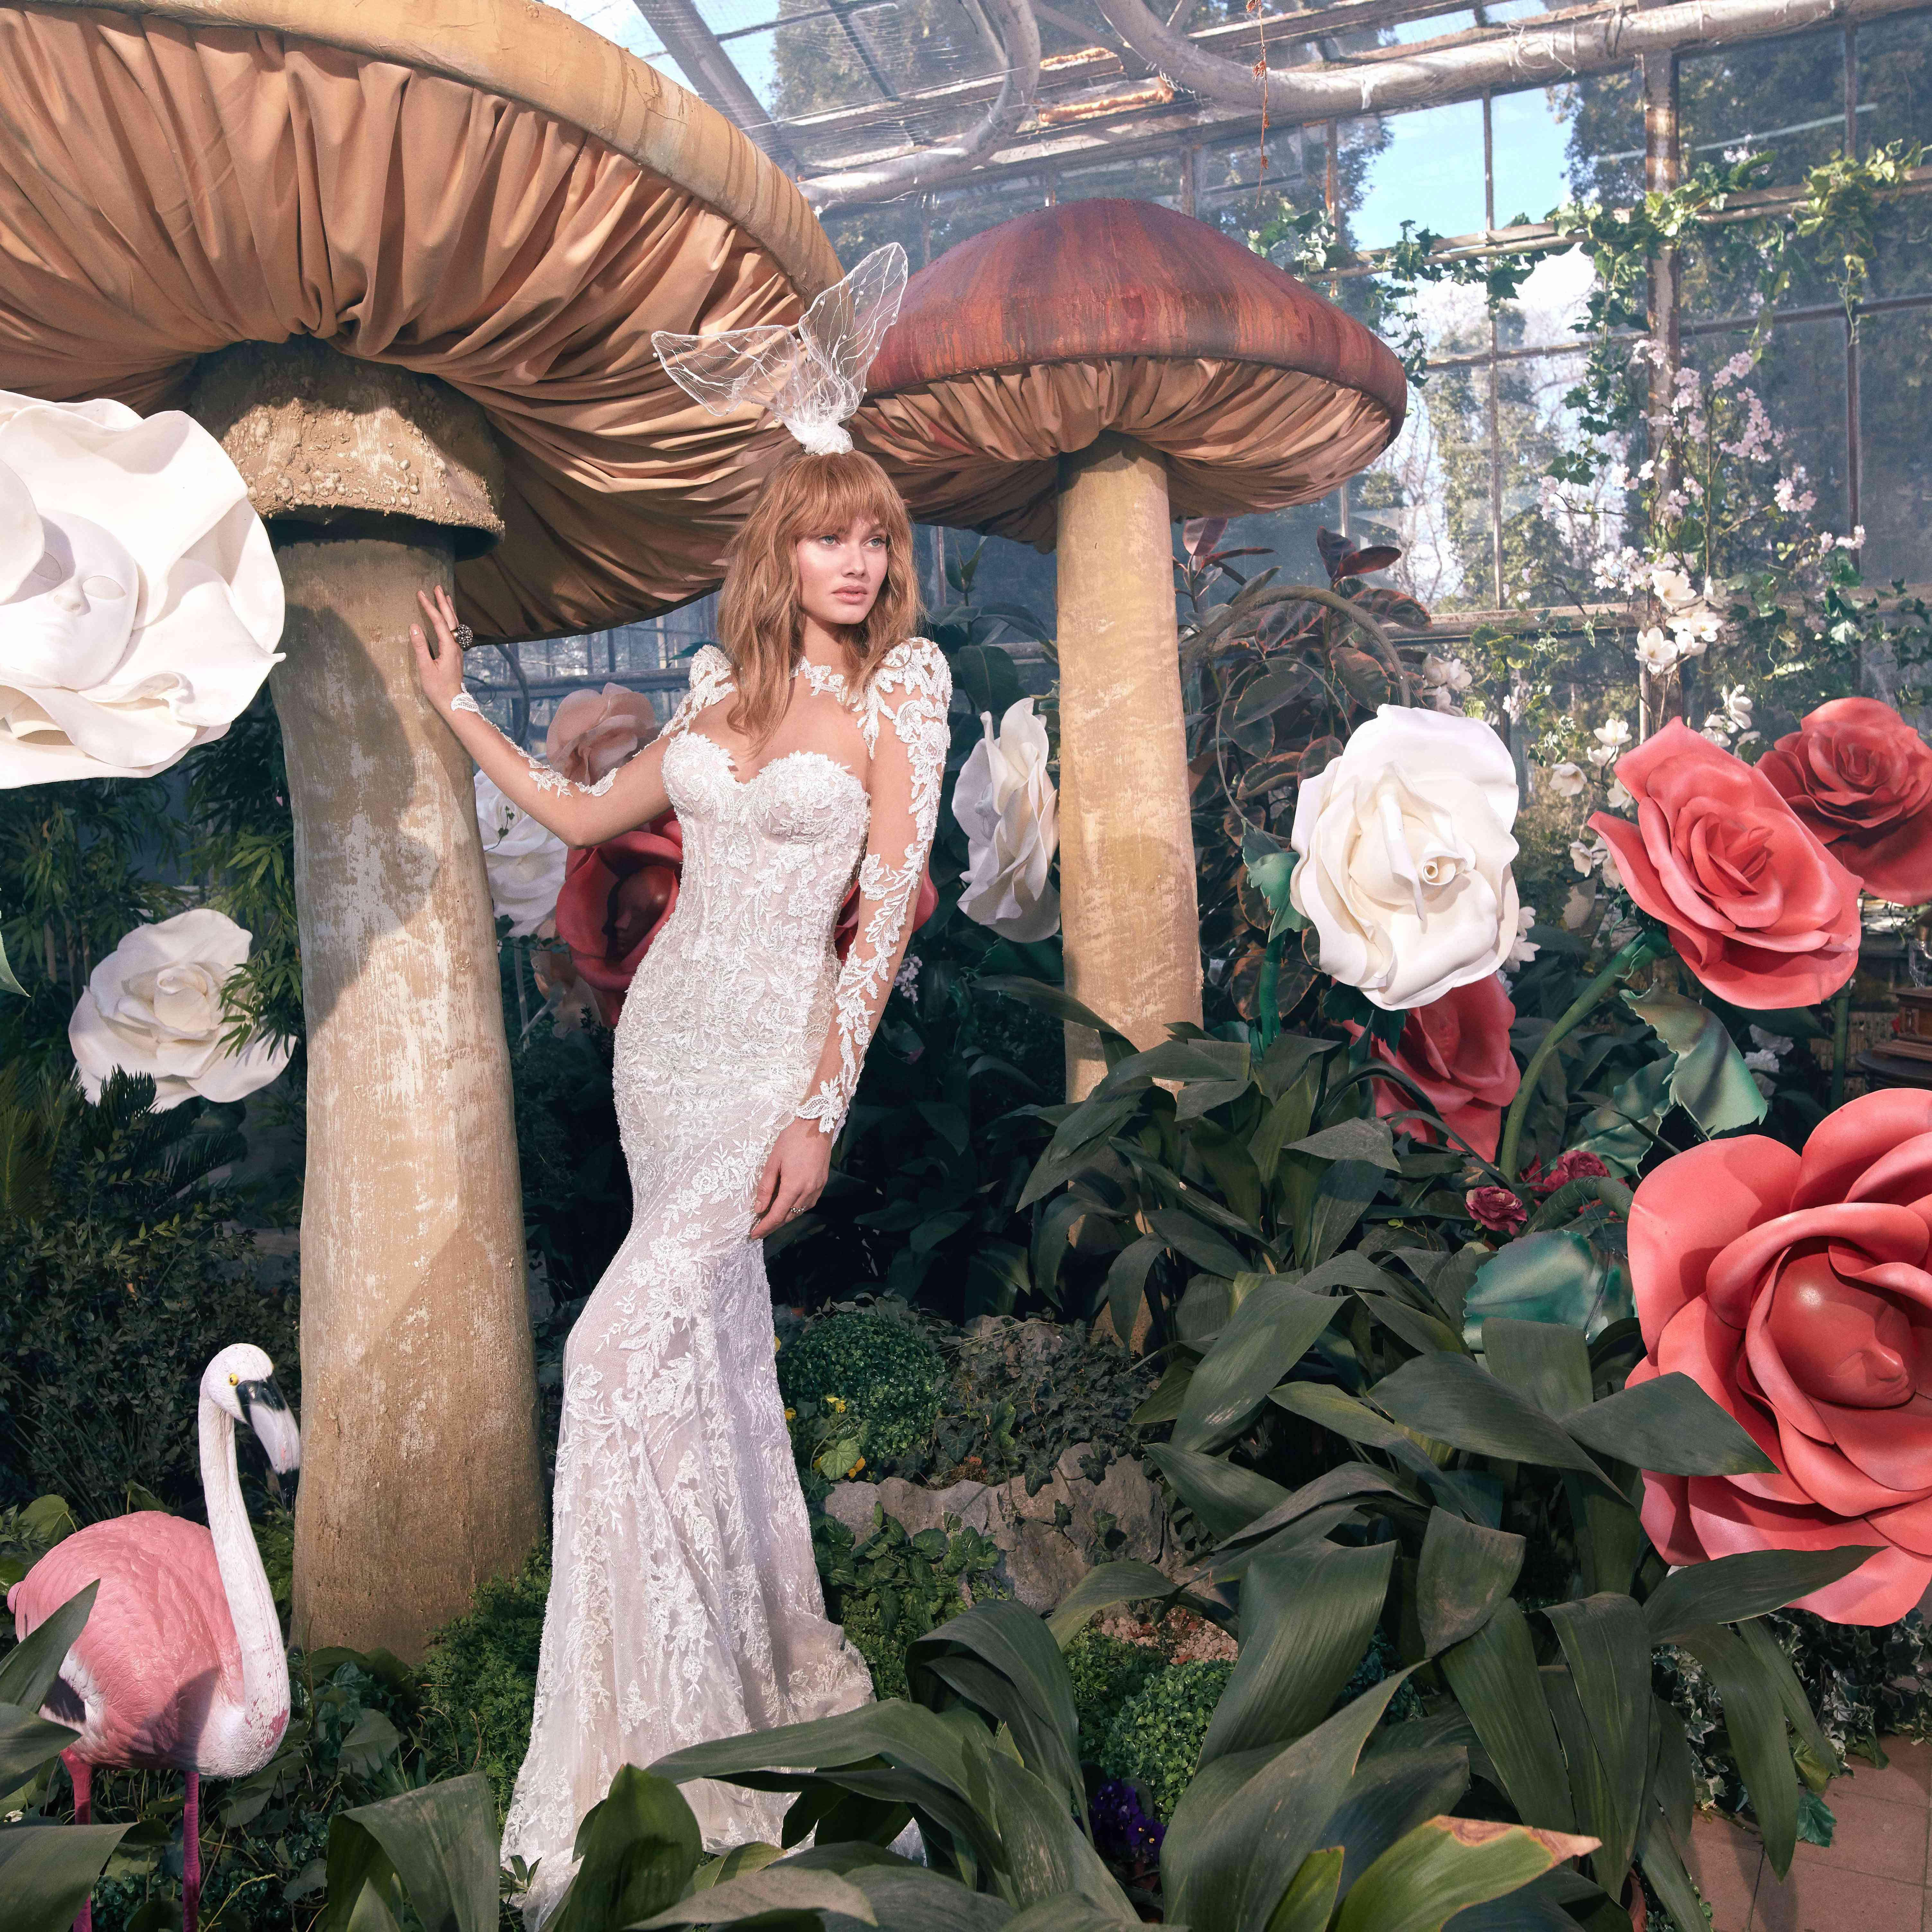 Gala By Galia Lahav Bridal Spring 2020